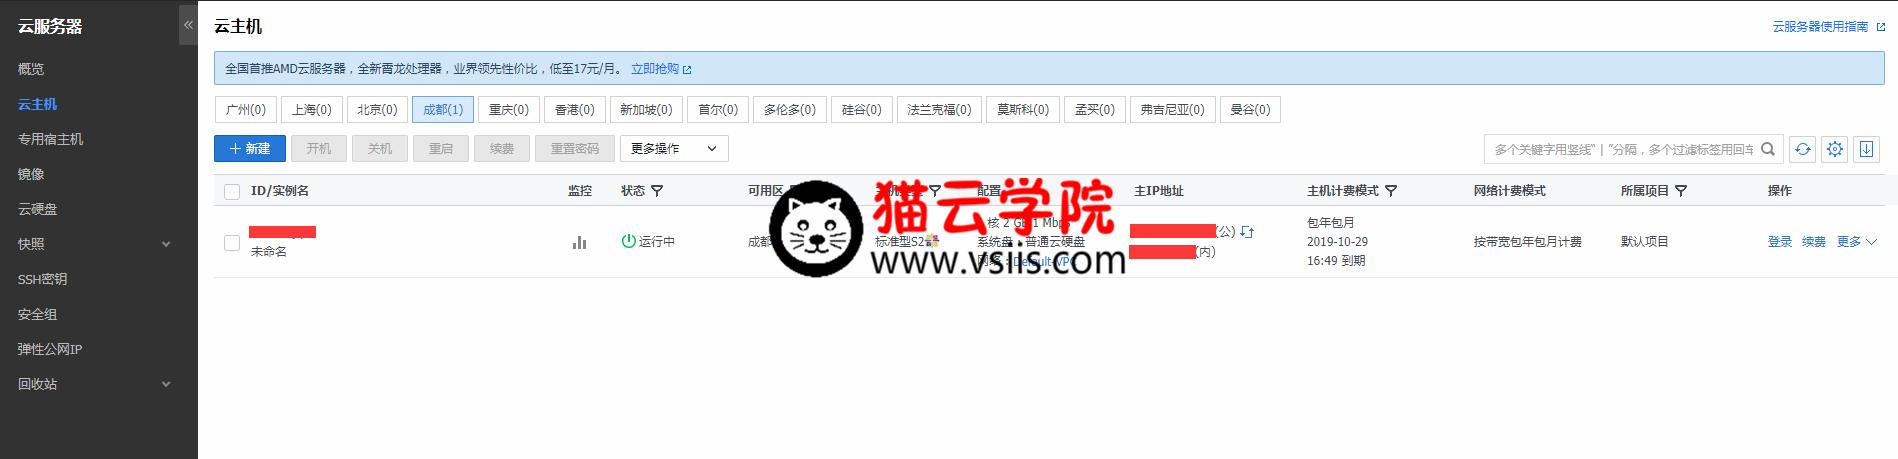 腾讯云服务器安装宝塔Linux面板教程